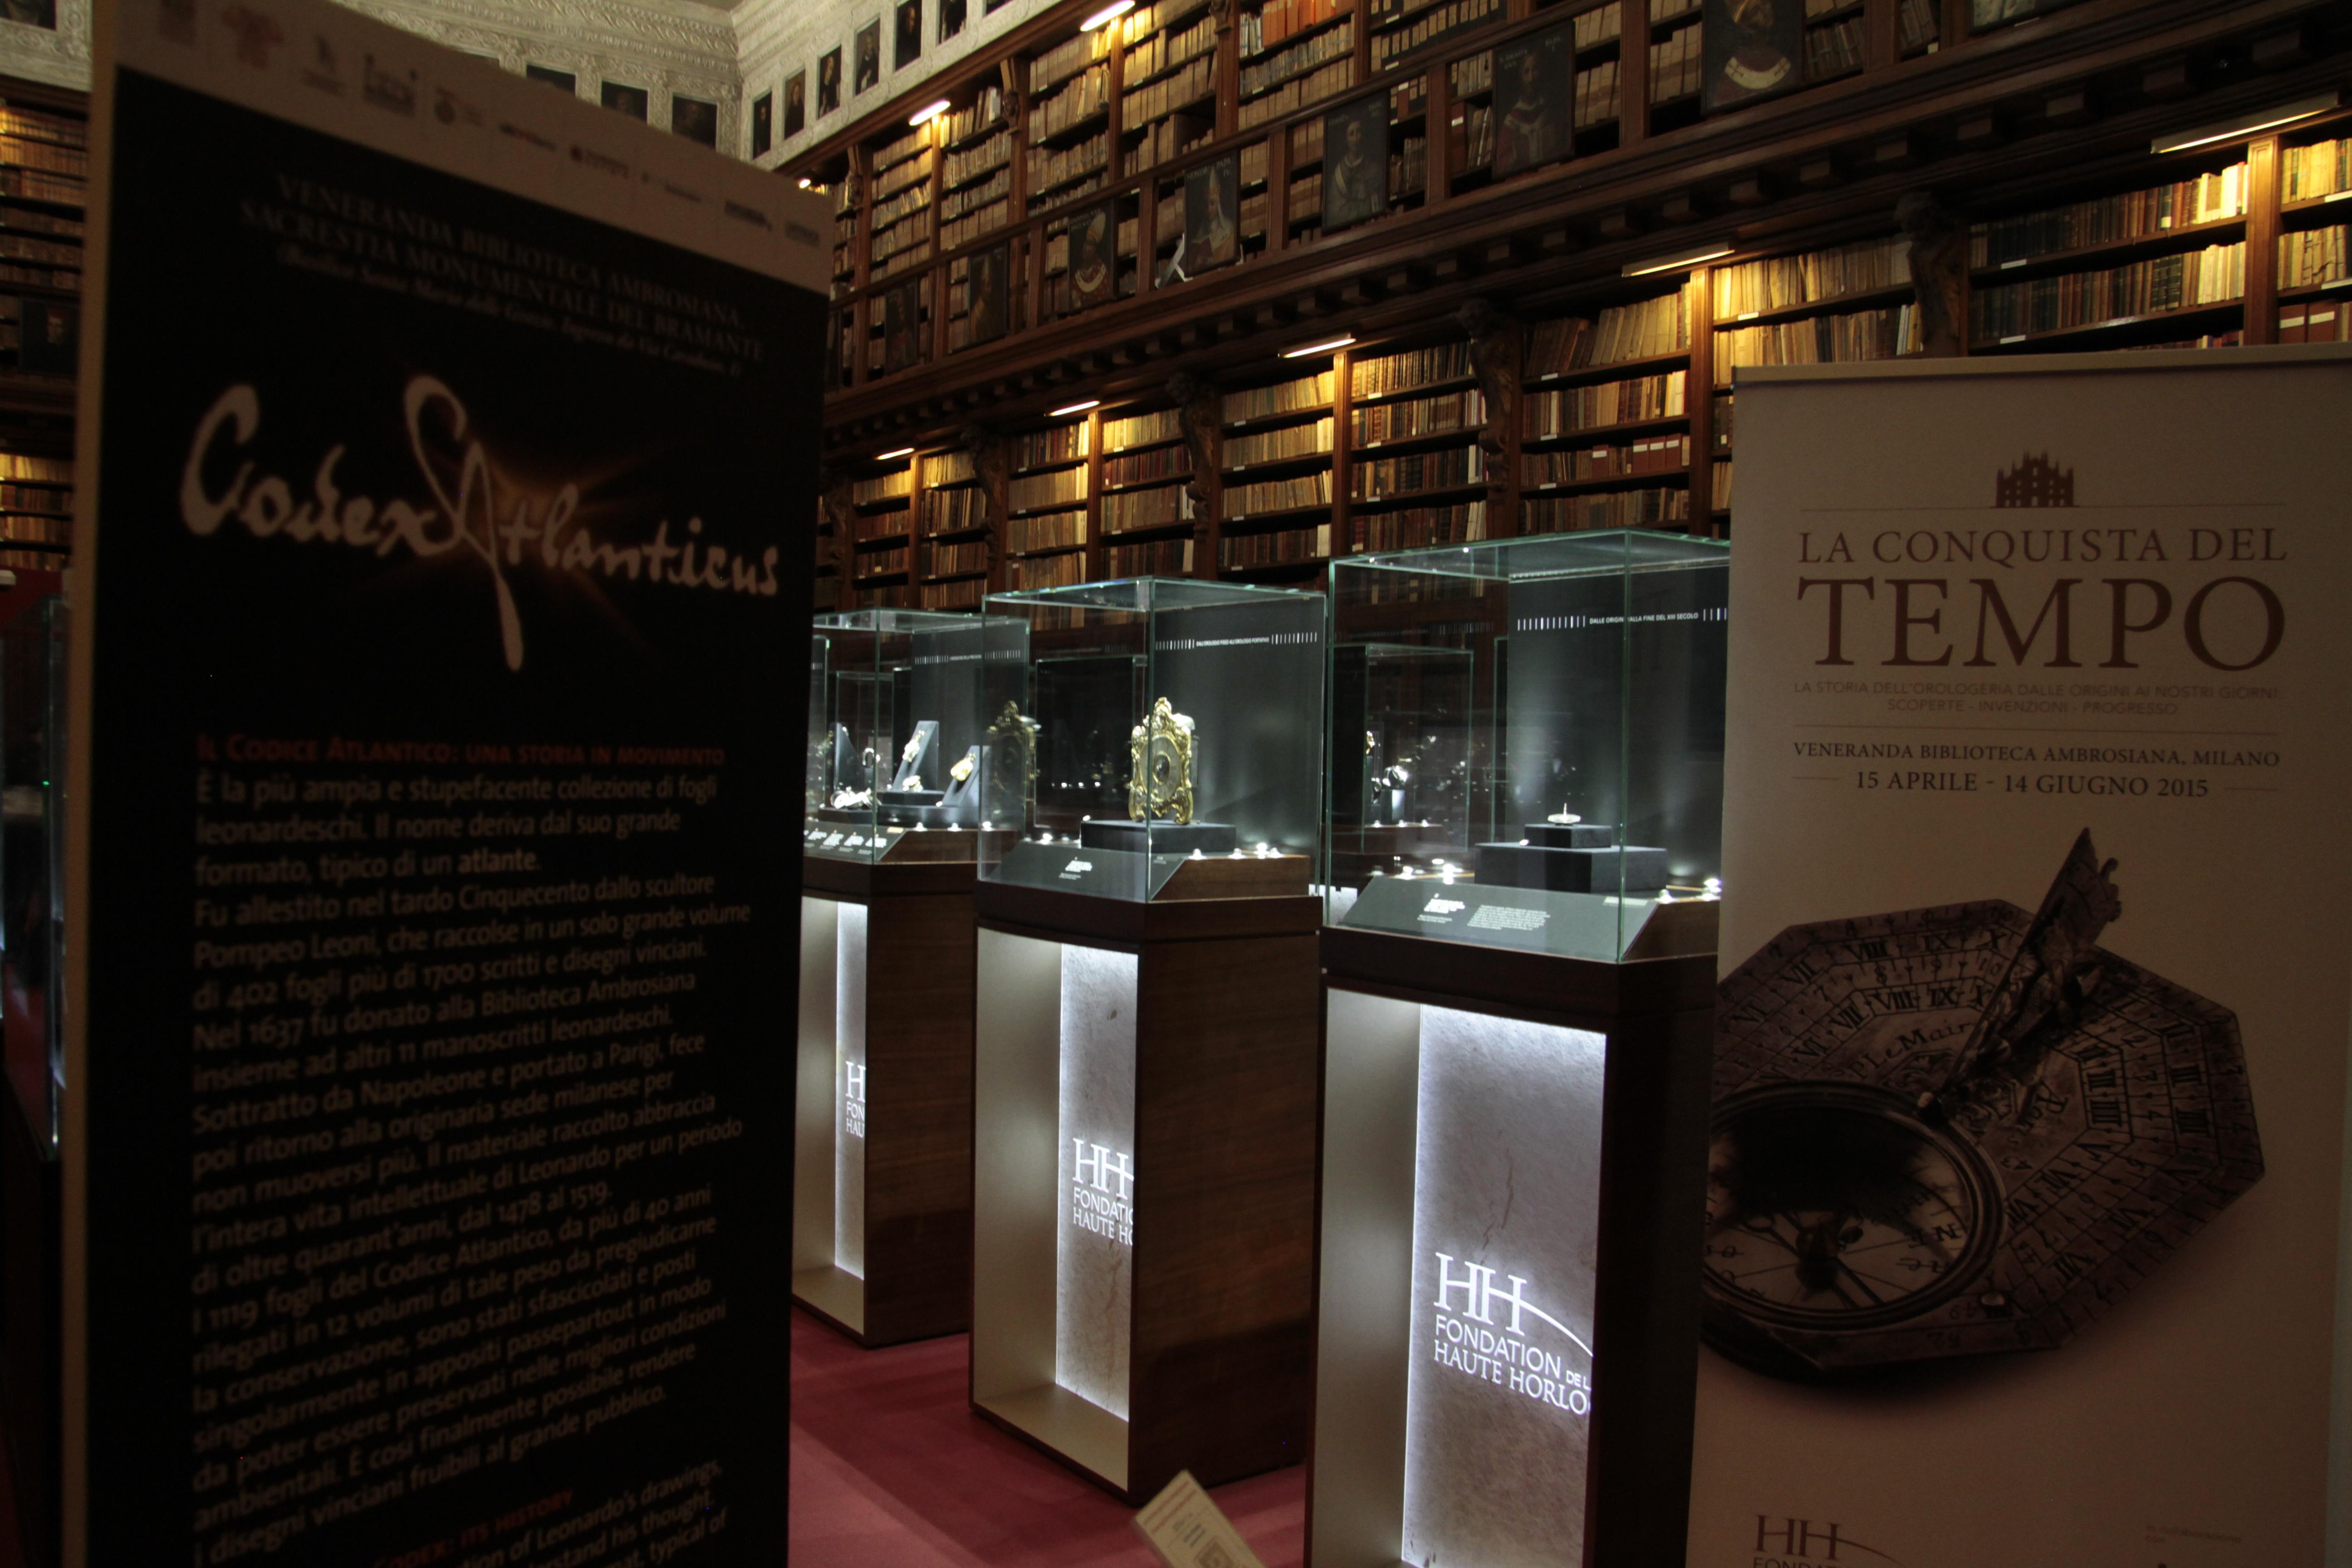 mostra-la-conquista-del-tempo-alla-veneranda-biblioteca-ambrosiana-a-milano_0-100_143